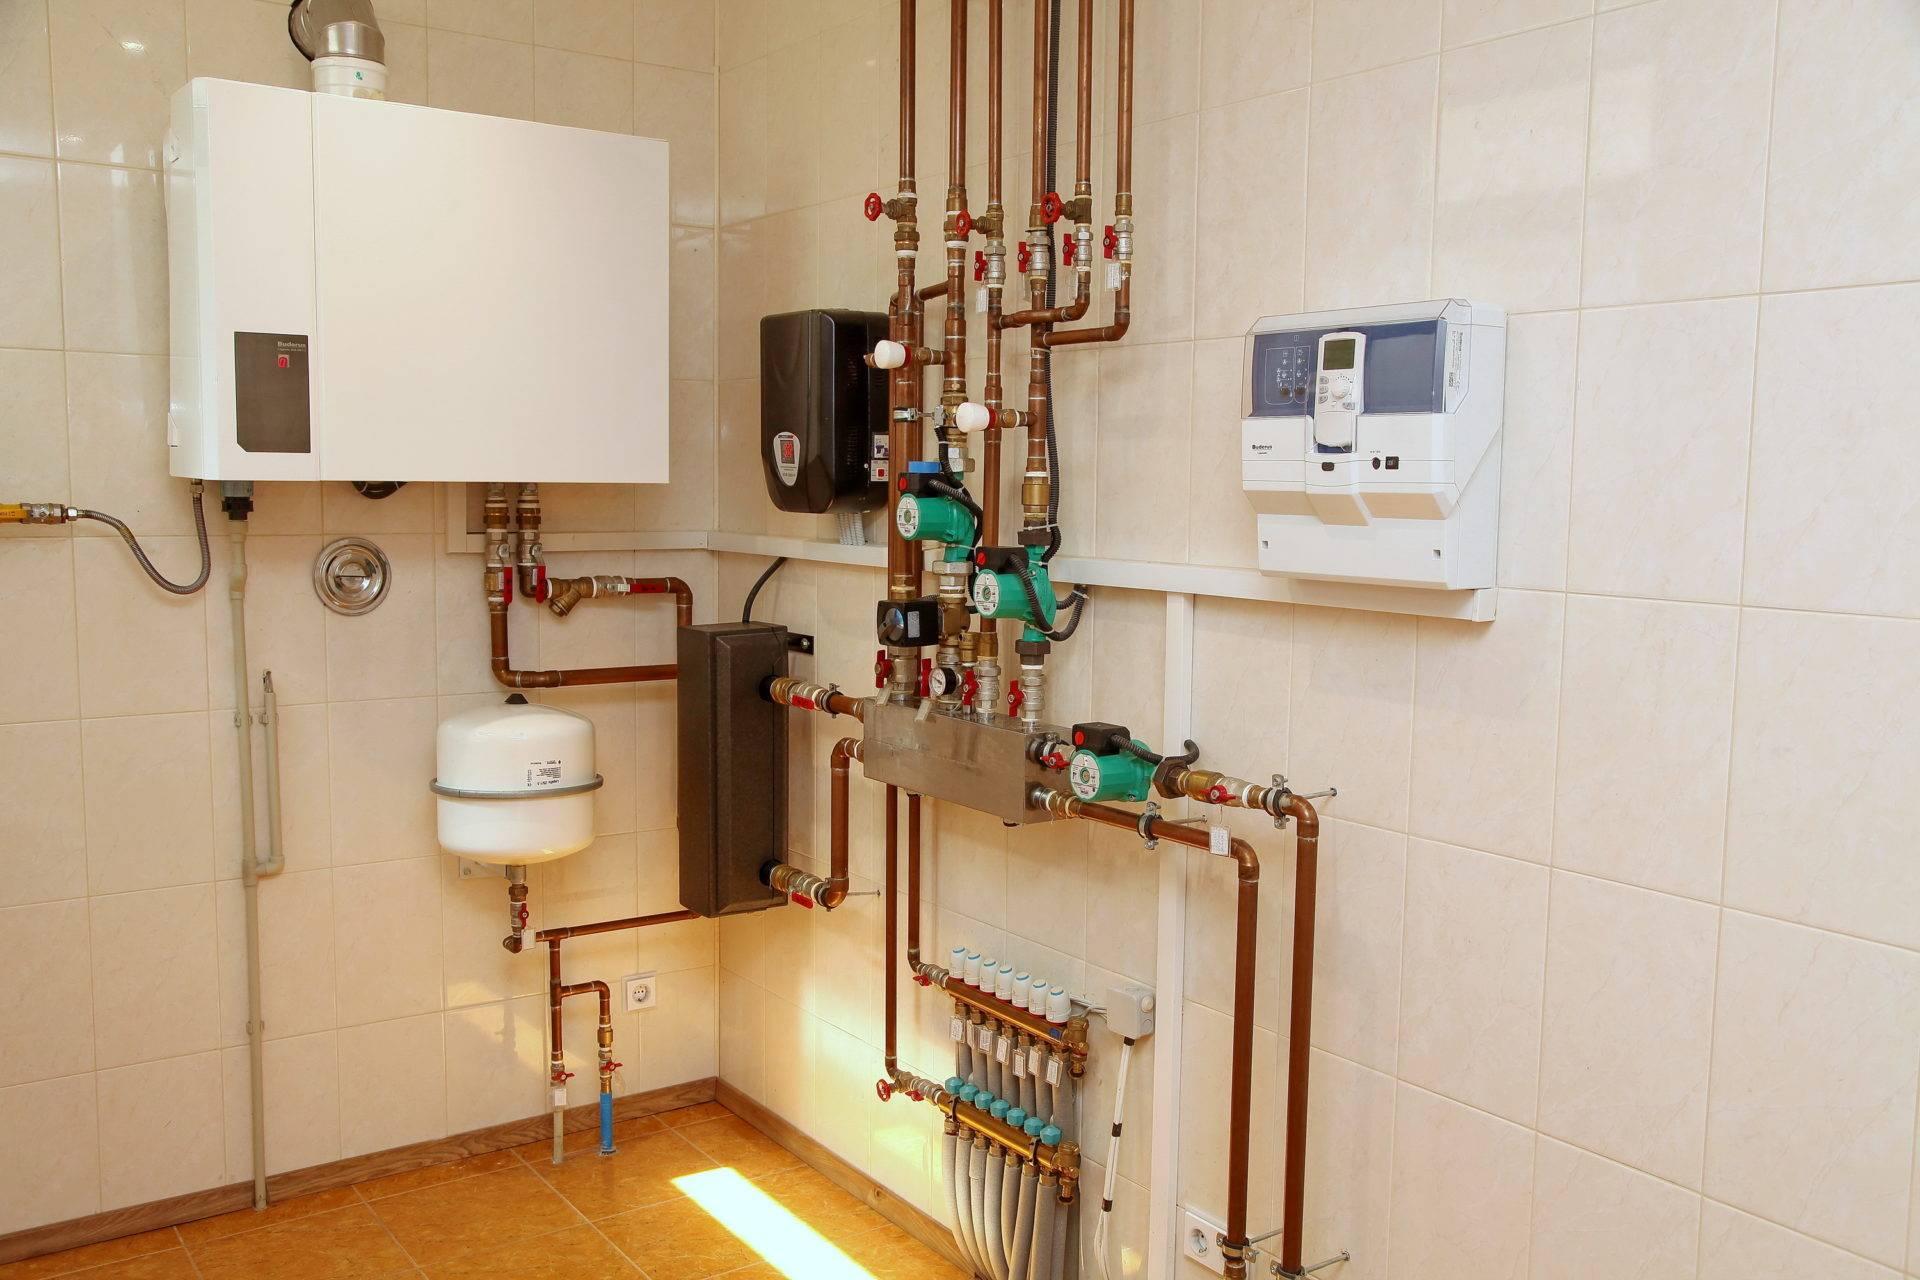 Автономное газовое отопление в многоквартирном доме: что нужно знать?